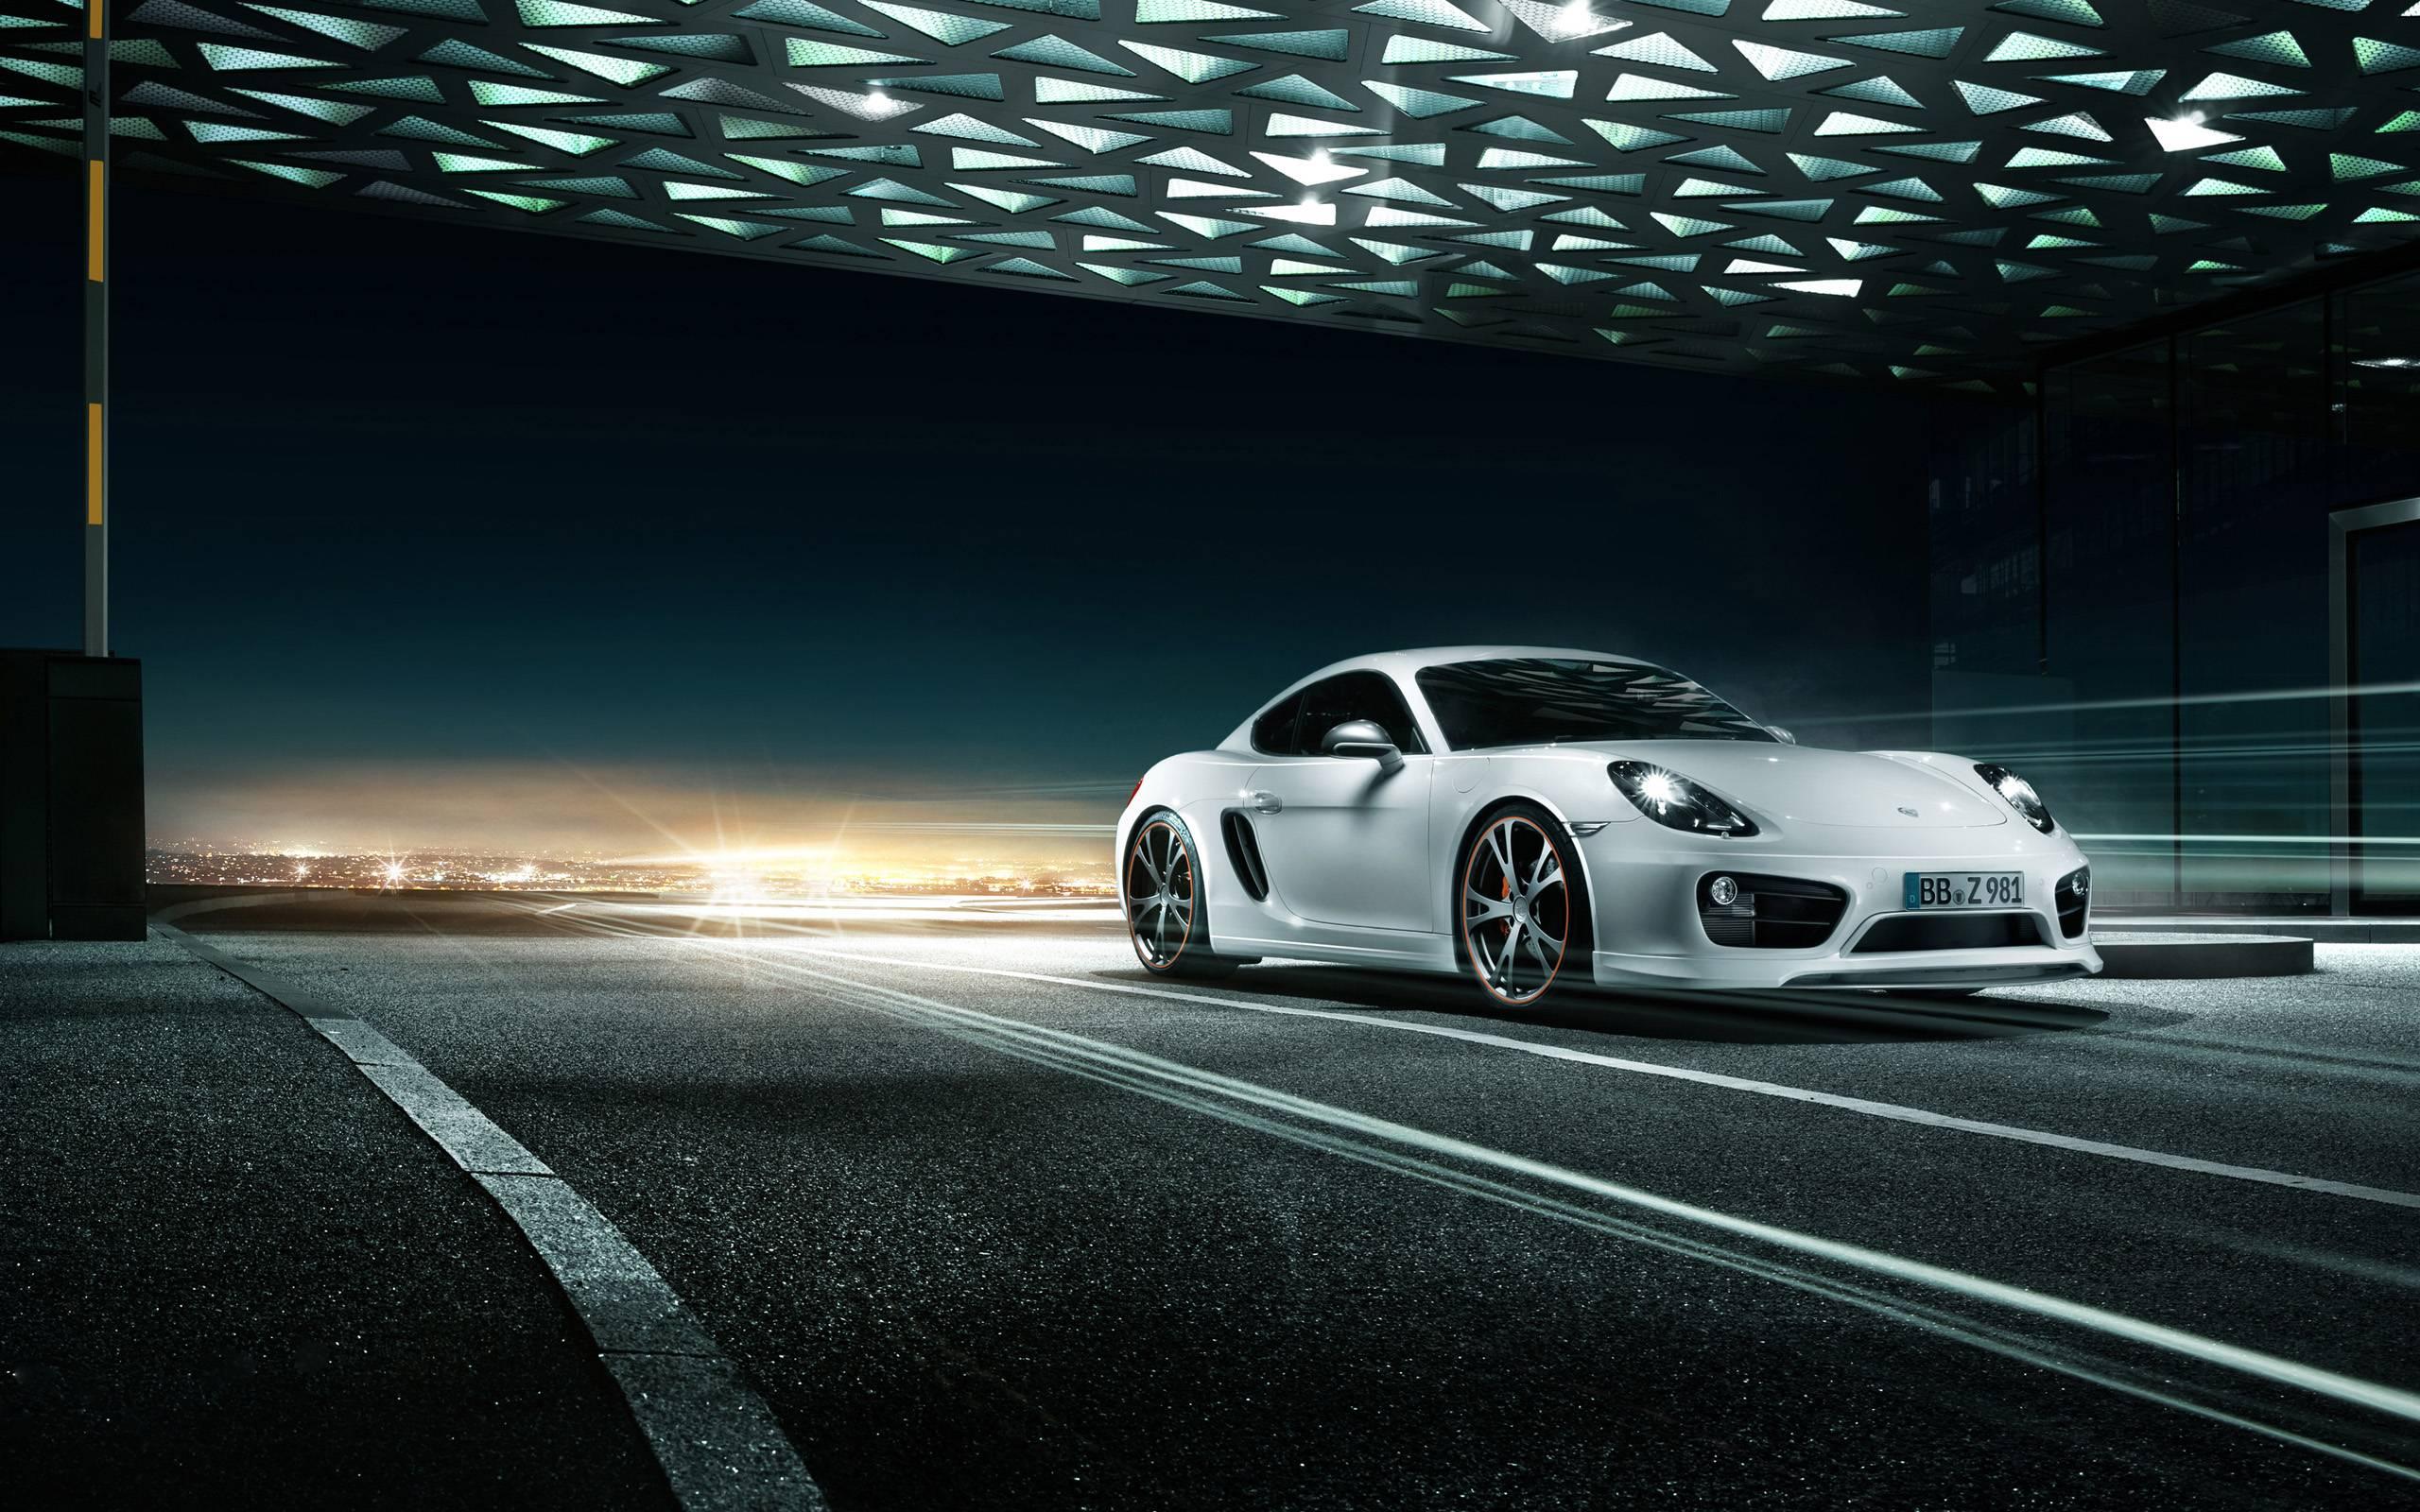 Porsche cayman wallpapers wallpaper cave for Fond d ecran pour pc 17 pouces